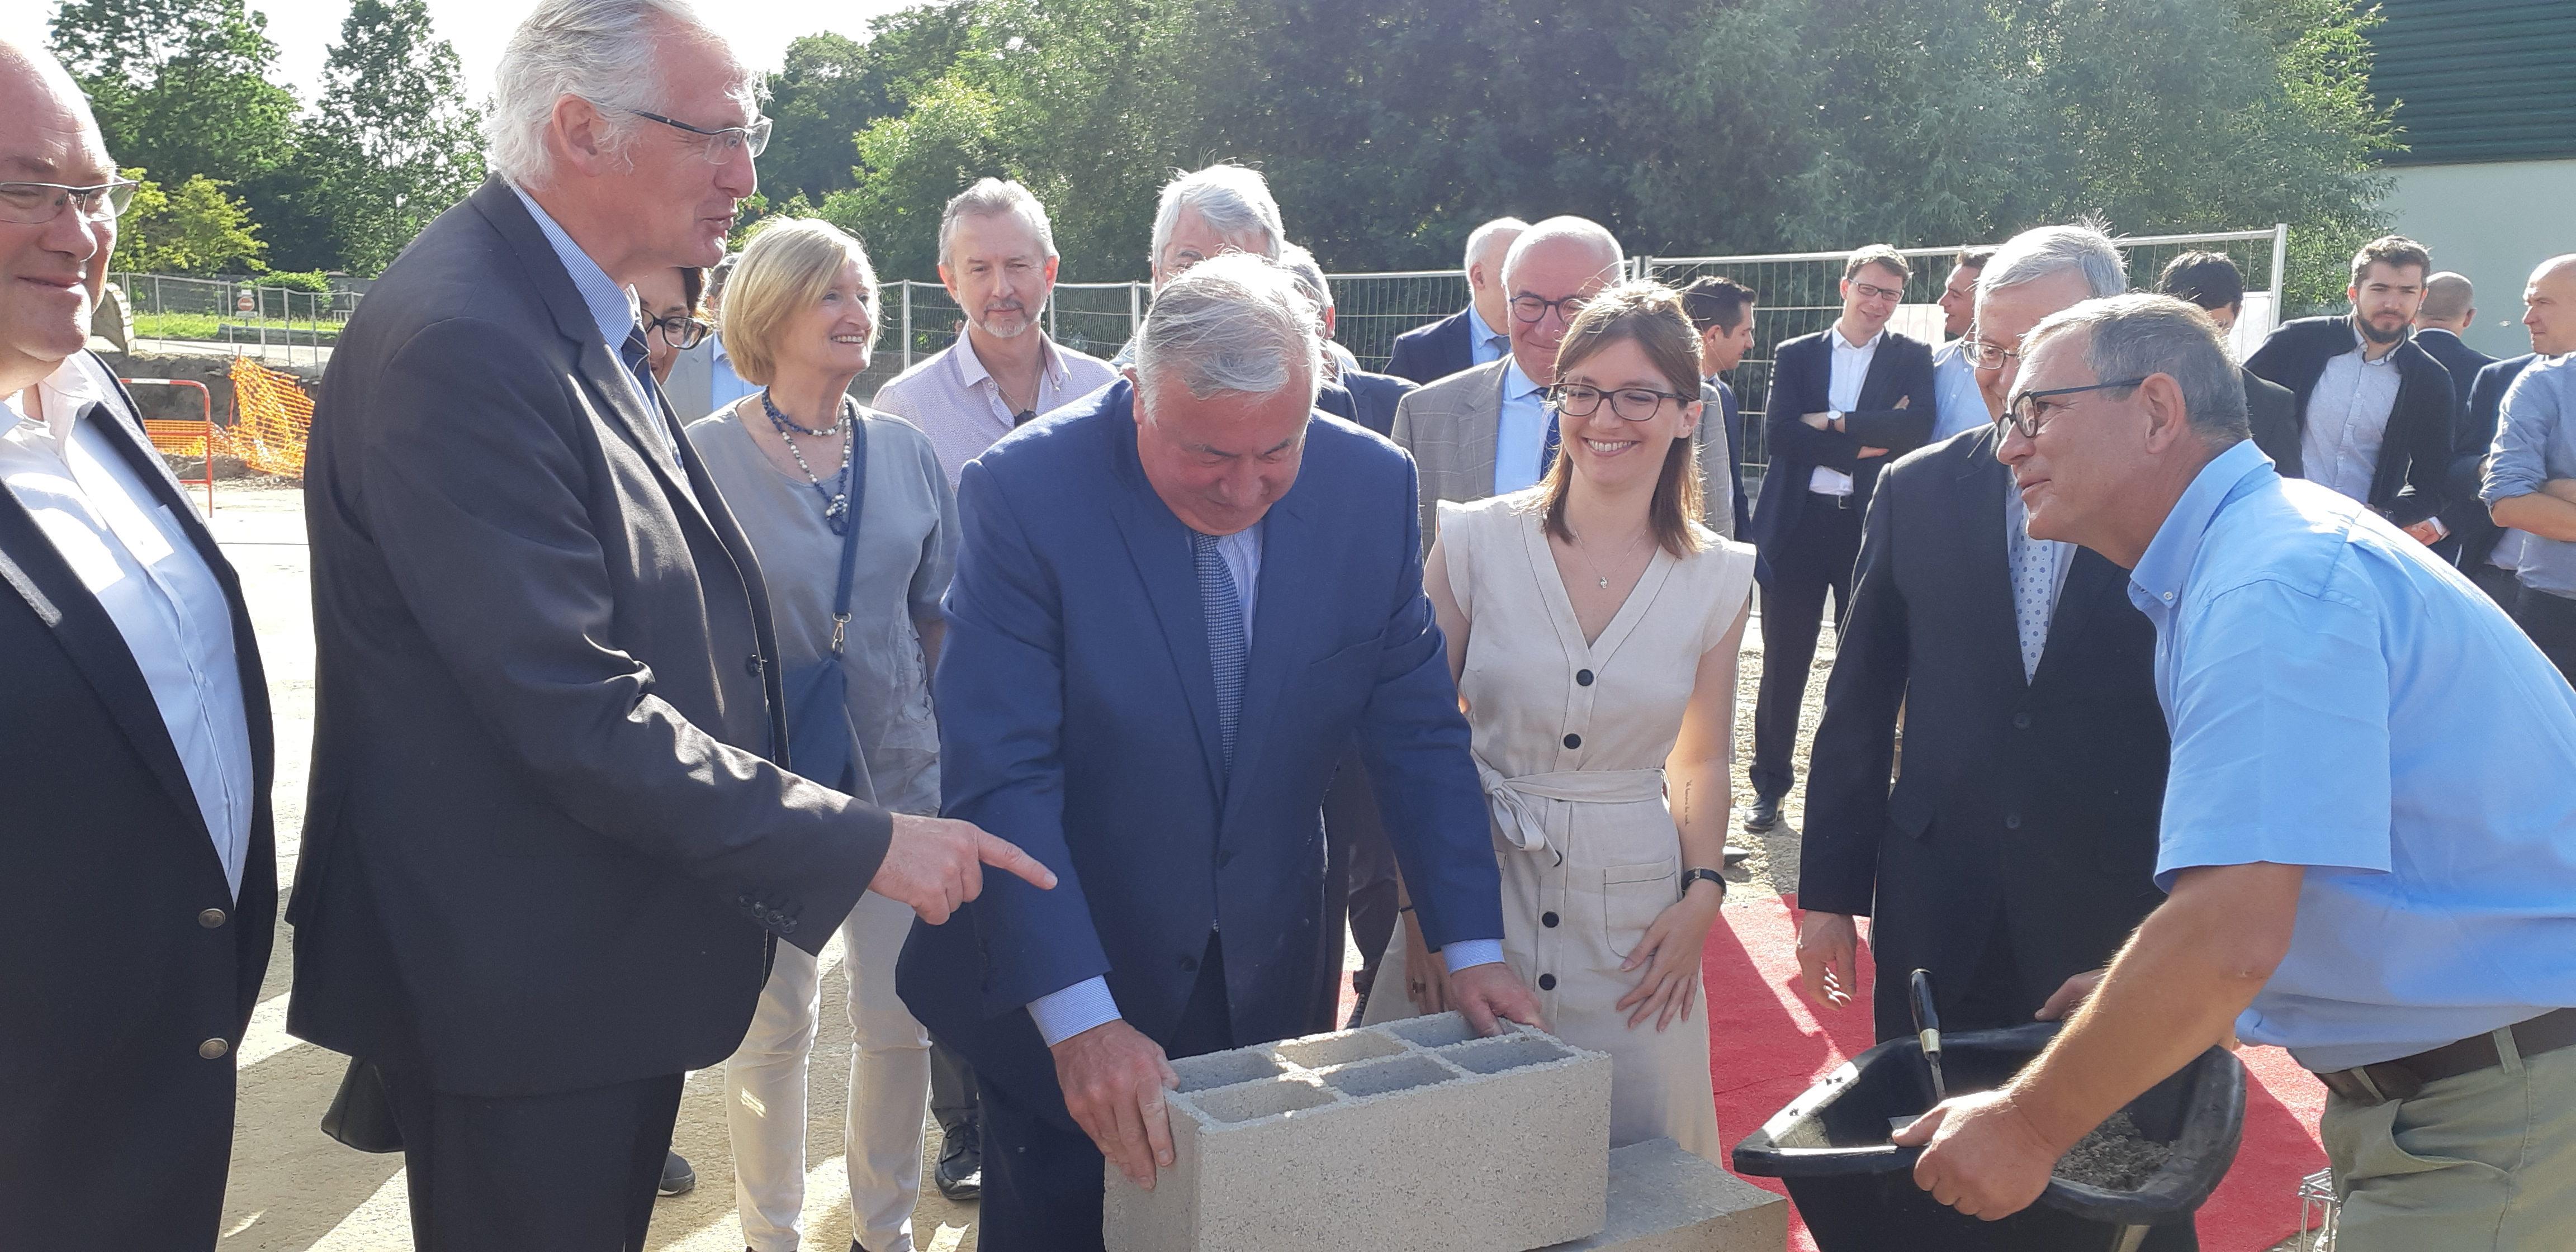 Avec le biométhane, les Yvelines se mettent au vert